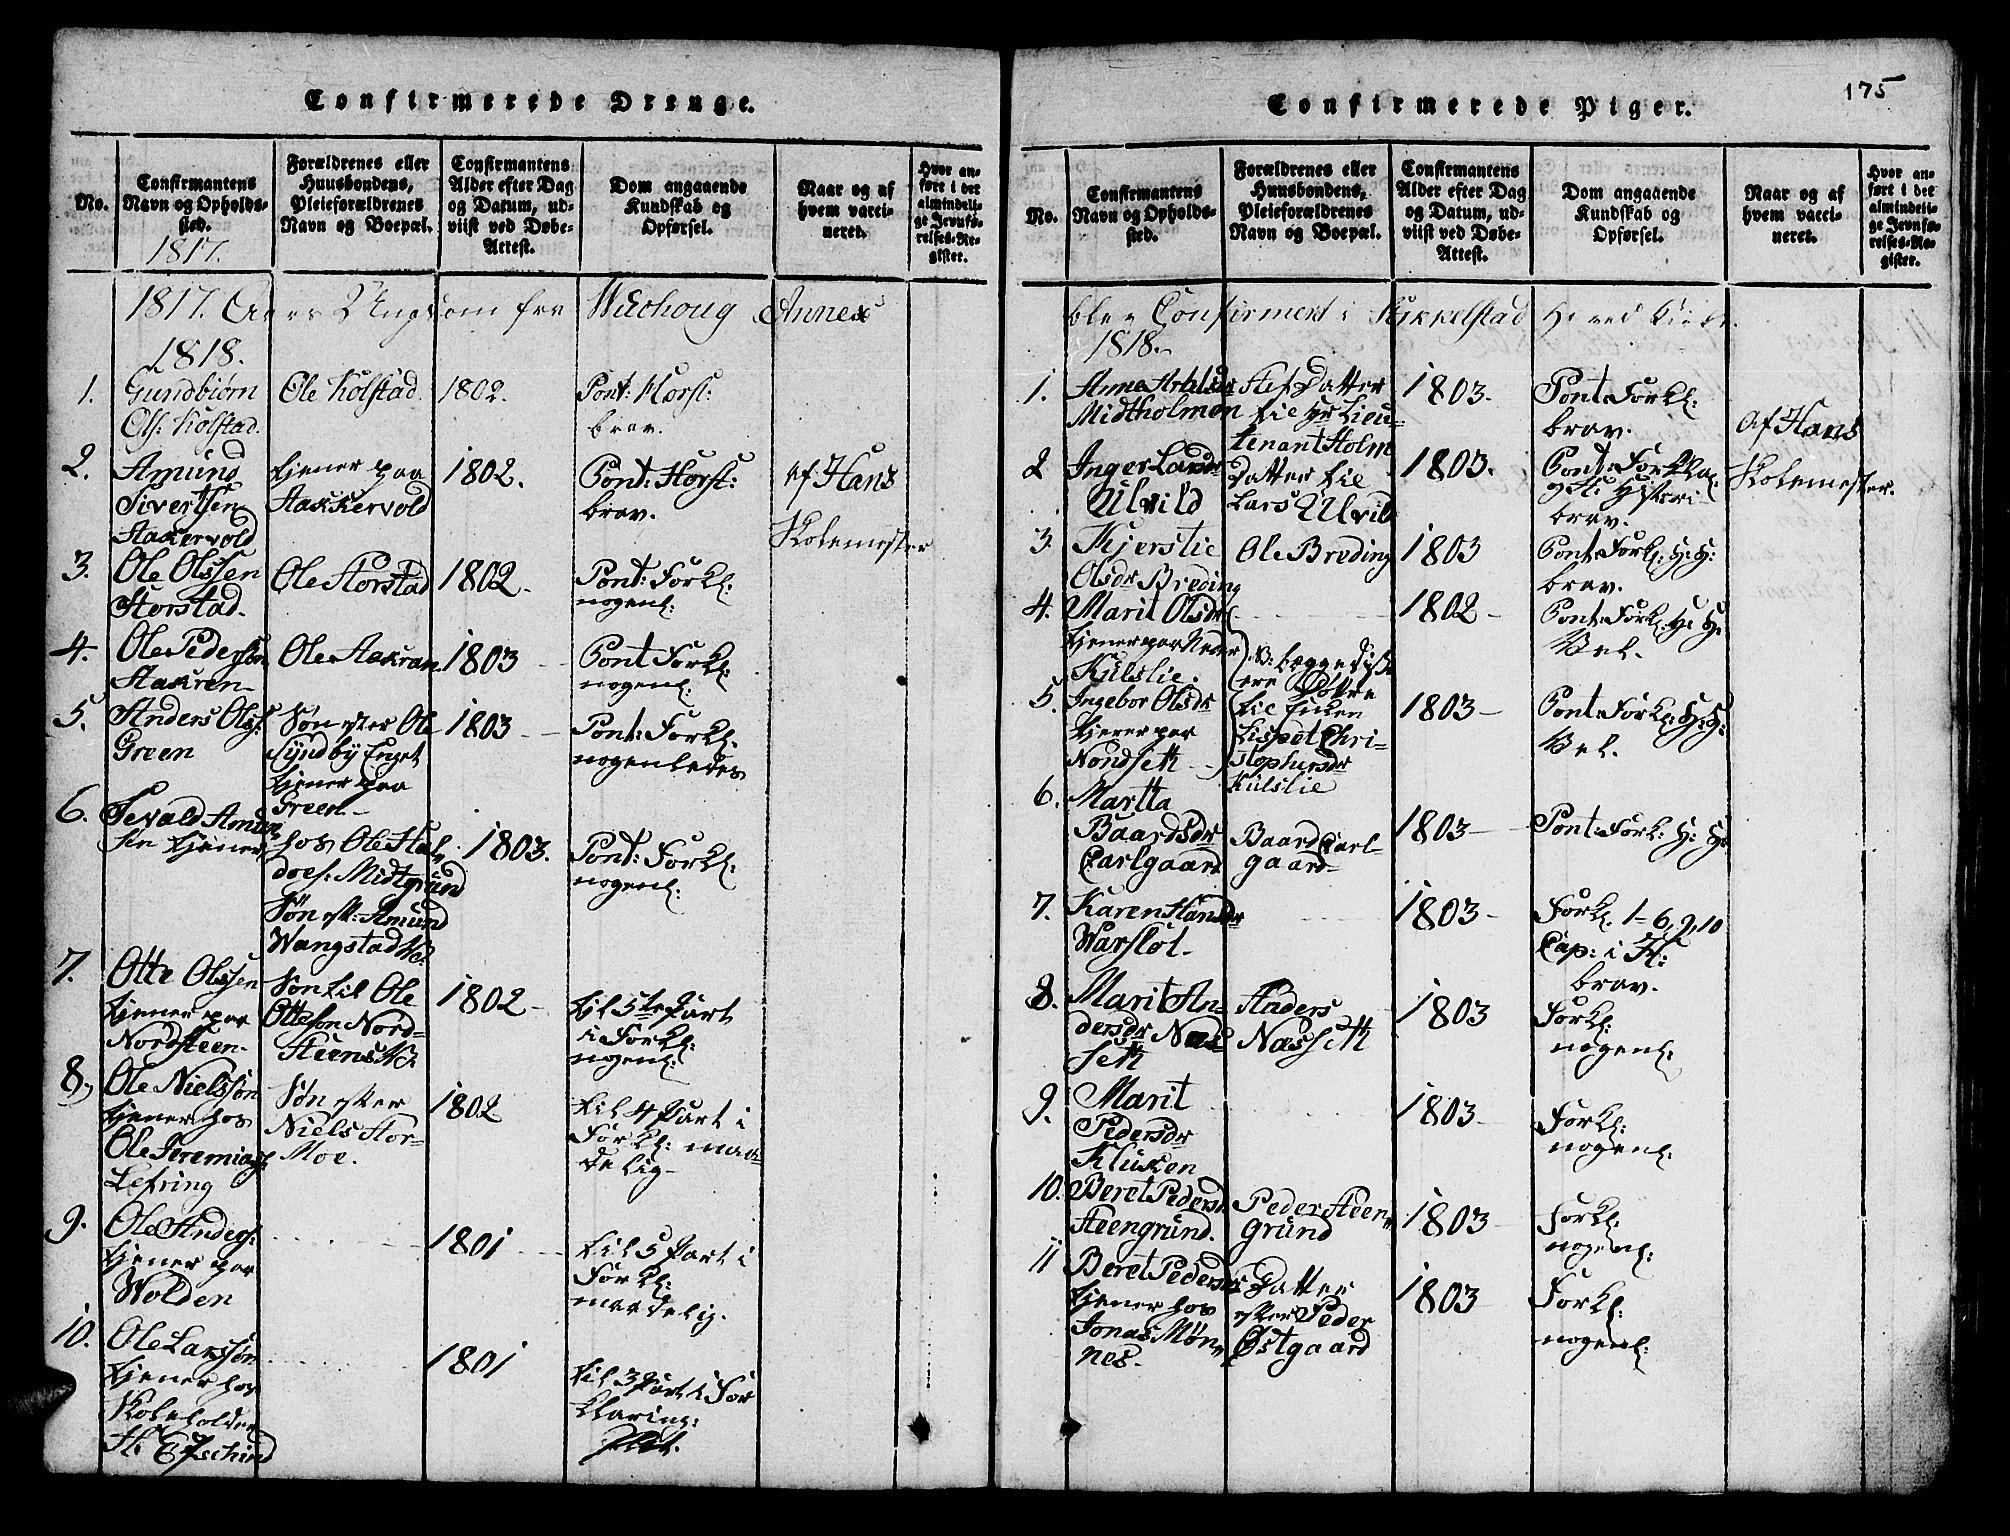 SAT, Ministerialprotokoller, klokkerbøker og fødselsregistre - Nord-Trøndelag, 724/L0265: Klokkerbok nr. 724C01, 1816-1845, s. 175